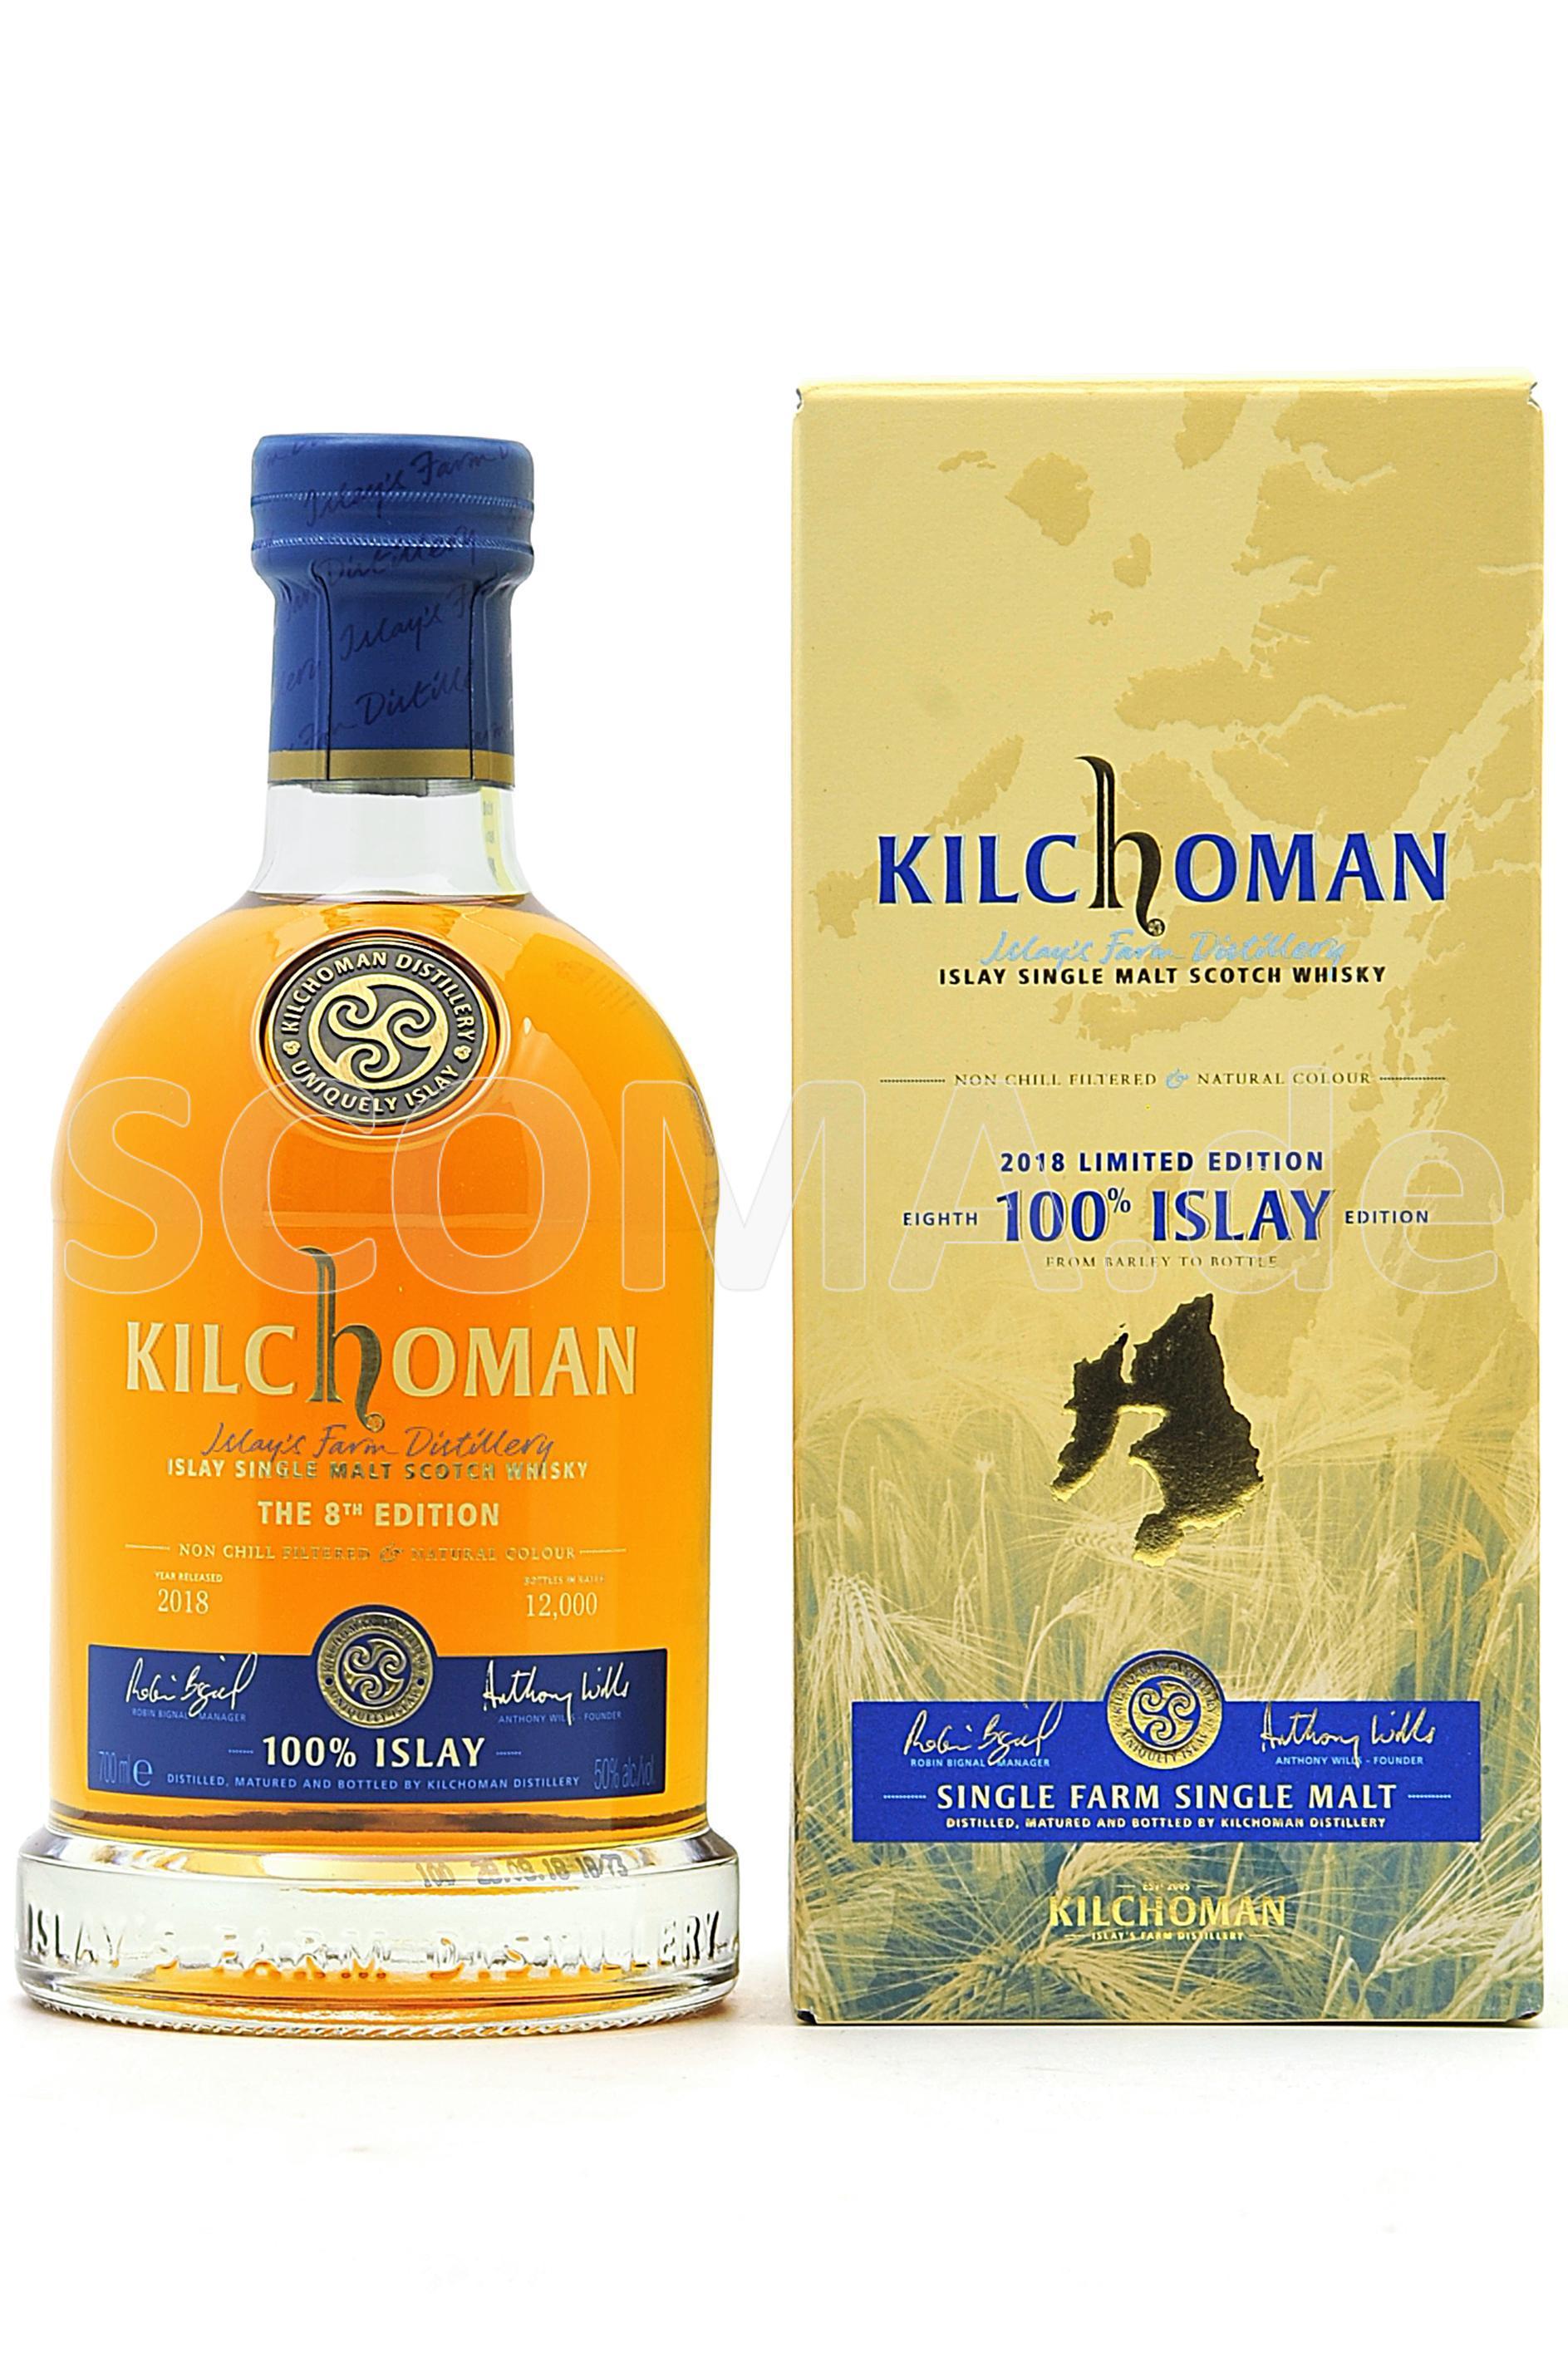 Kilchoman 100% Islay 8th Editi...